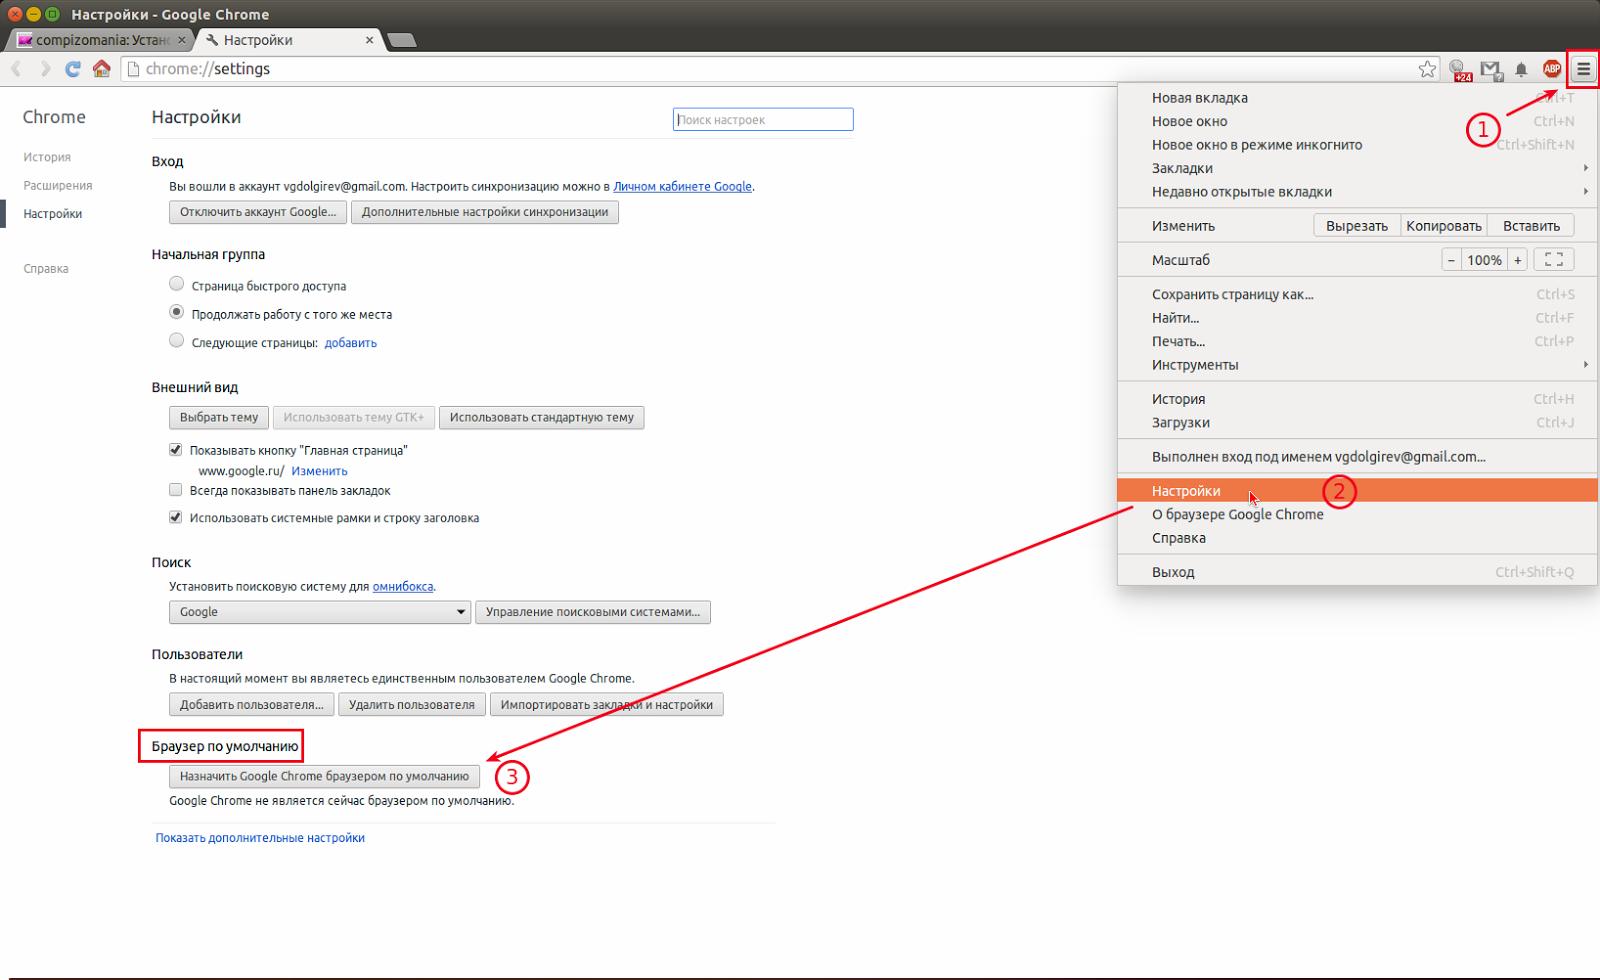 Как сделать Firefox браузером по умолчанию Справка Firefox 99